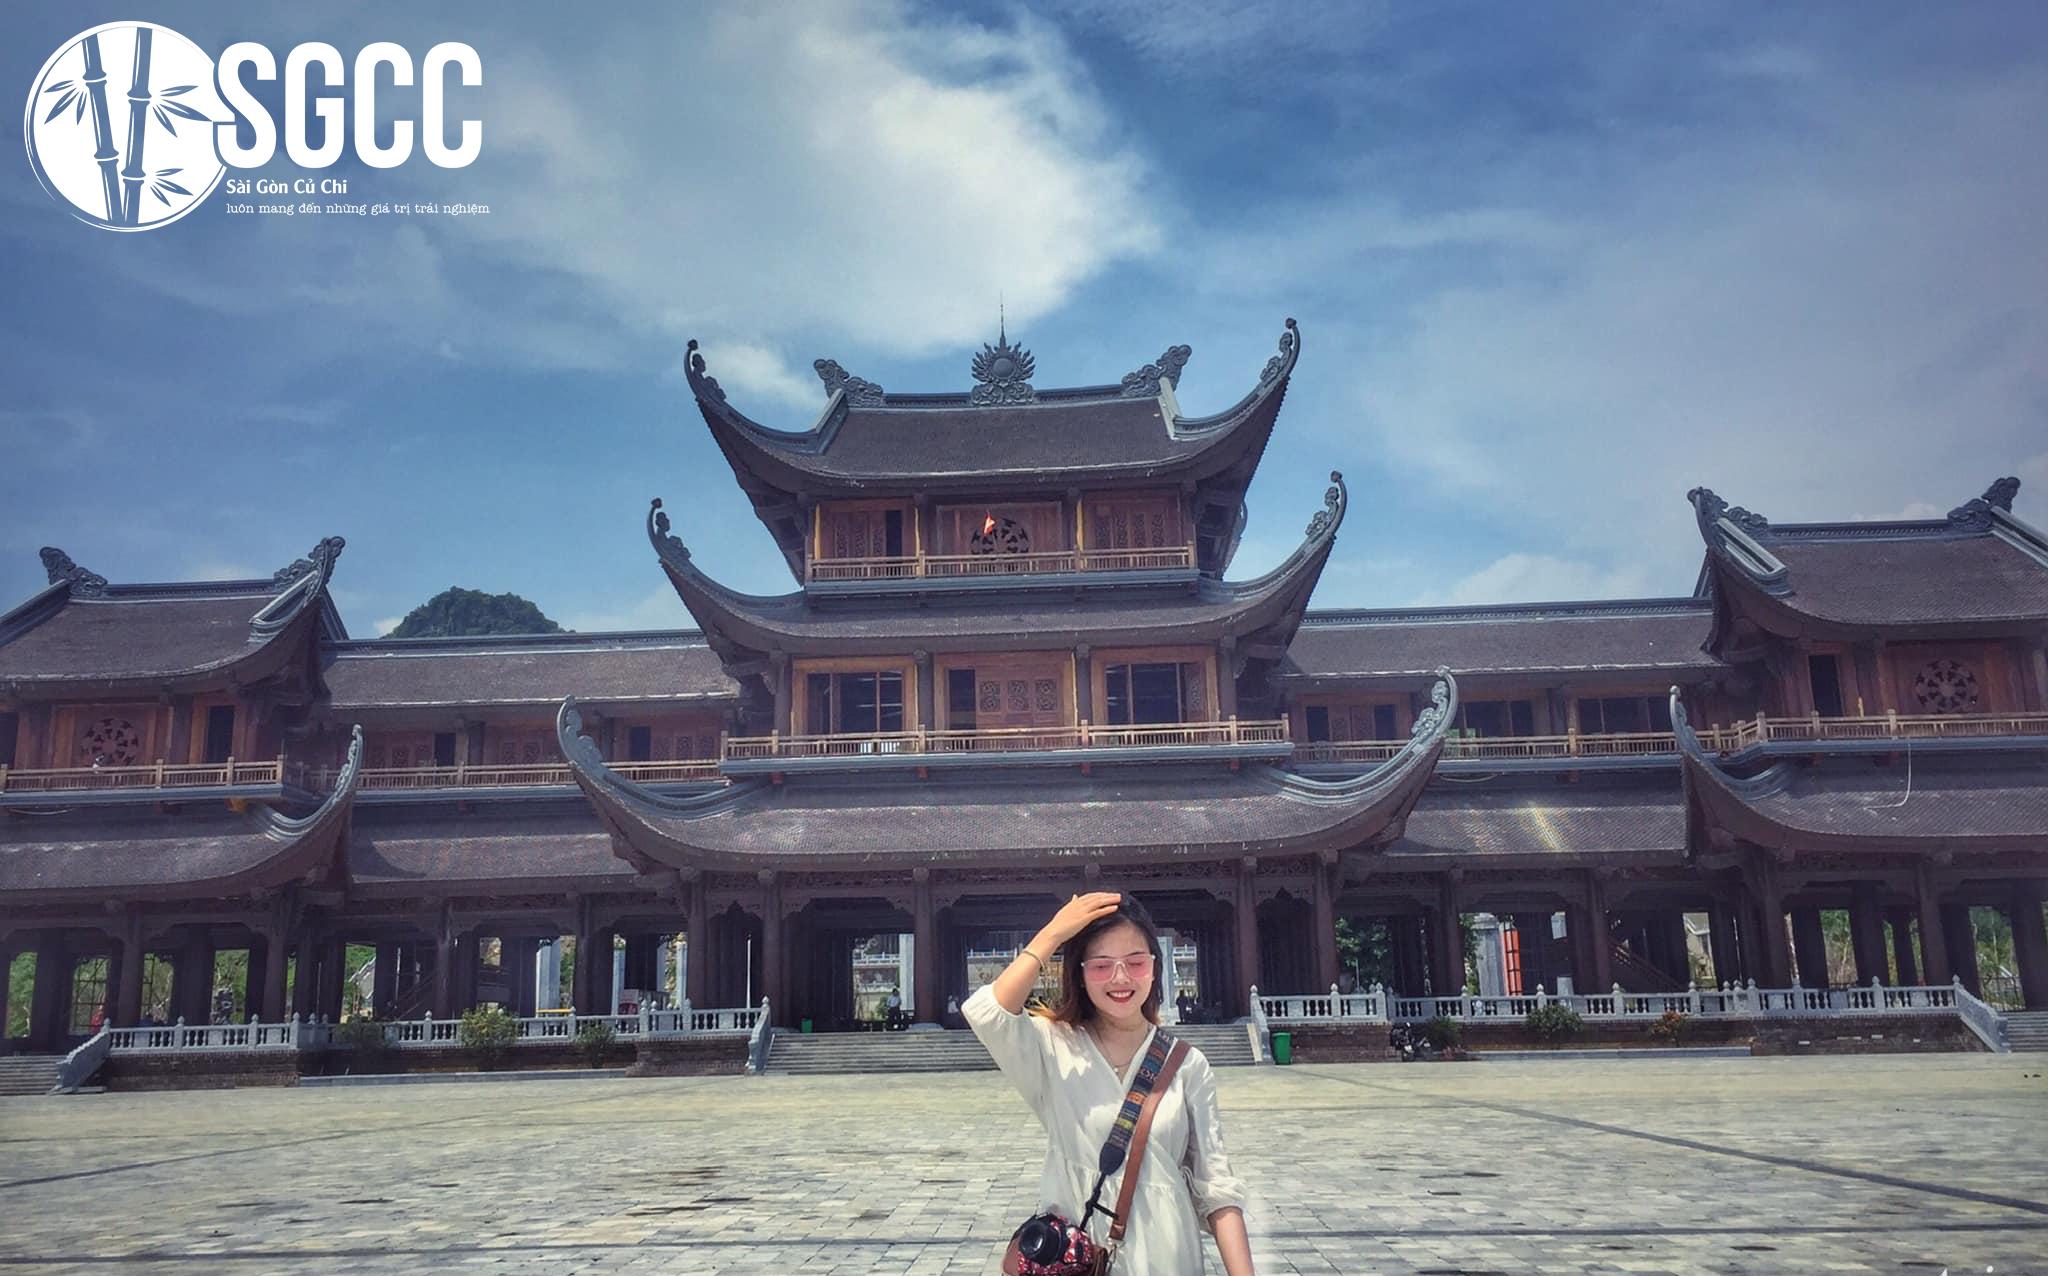 Khám phá chùa Tam Chúc ở Hà Nam - Ngôi chùa lớn nhất Việt Nam